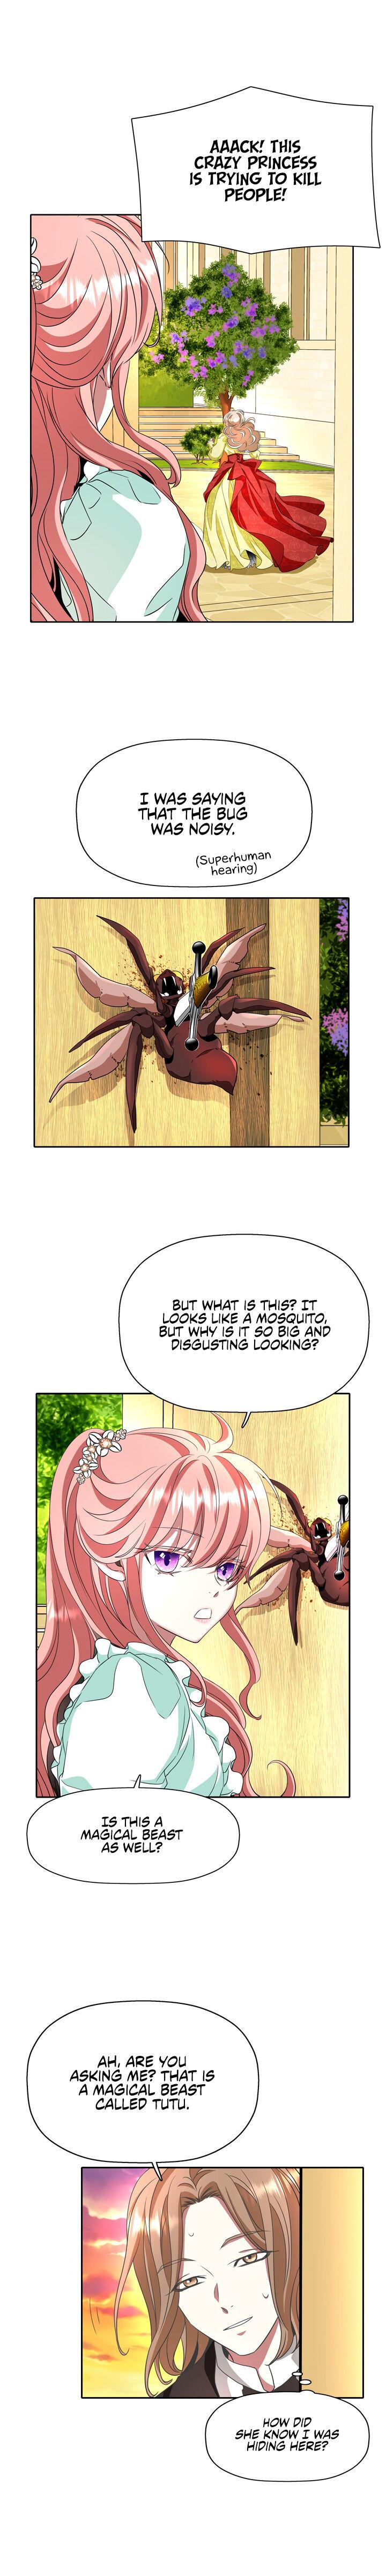 I'M A Killer But I'M Thinking Of Living As A Princess Chapter 12 page 18 - Mangakakalots.com